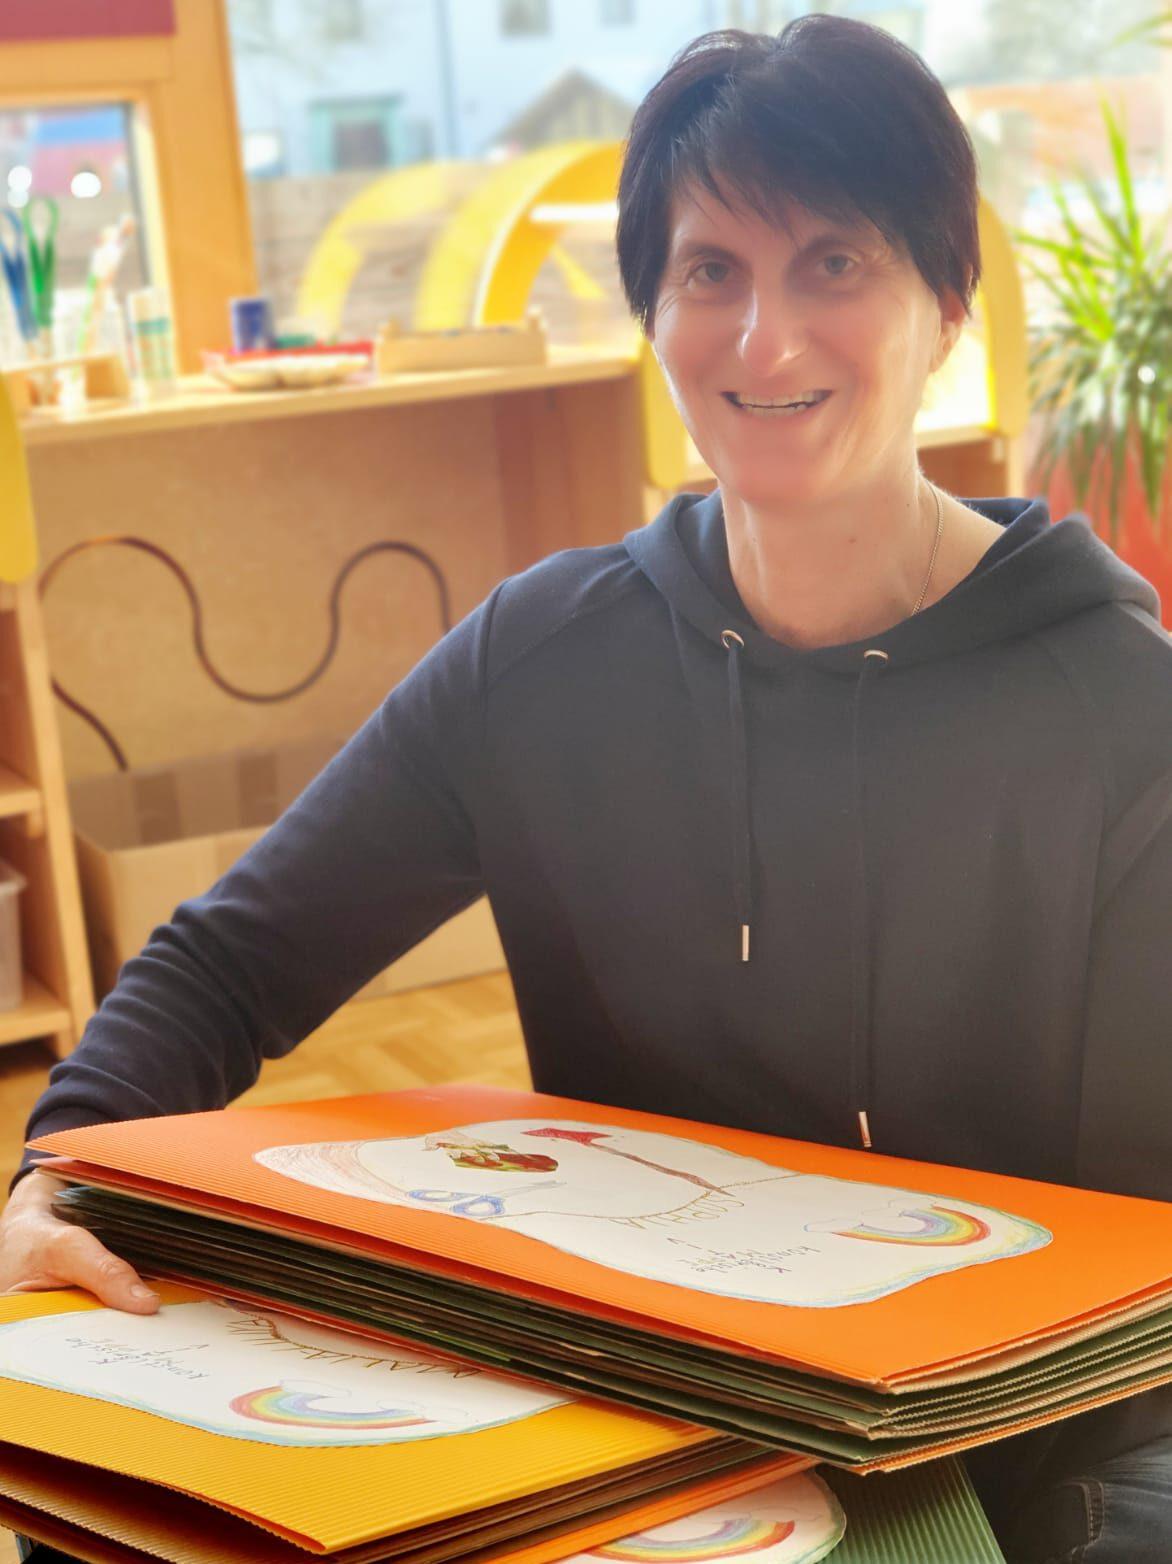 Marianne Mayer